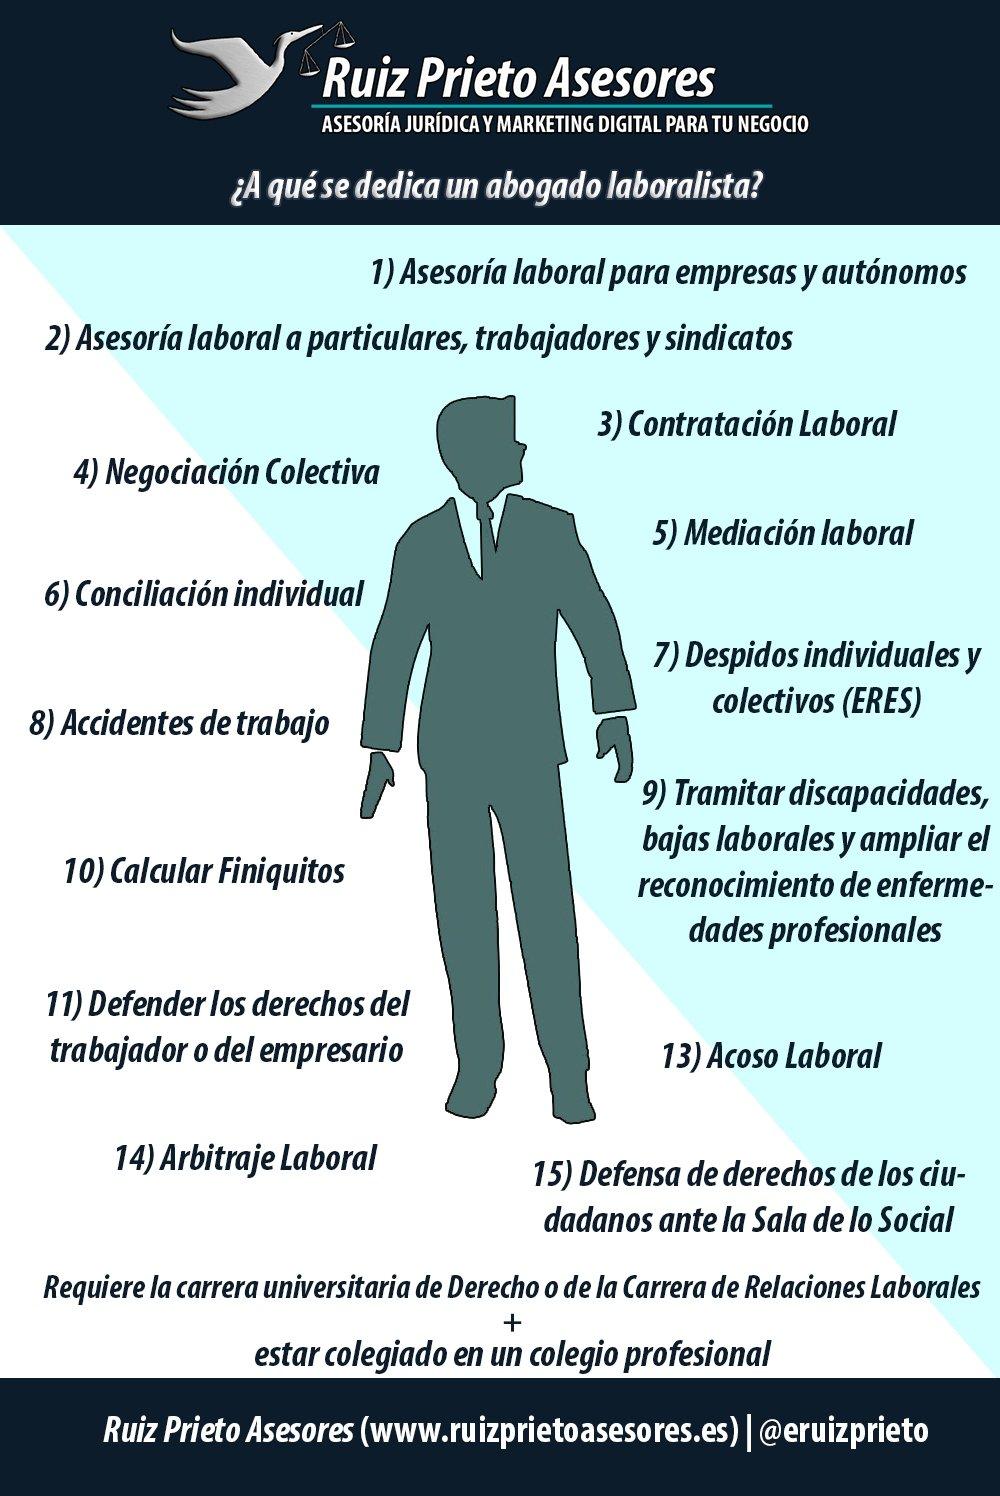 ¿A qué se dedica un abogado laboralista o un abogado especializado en derecho del trabajo?